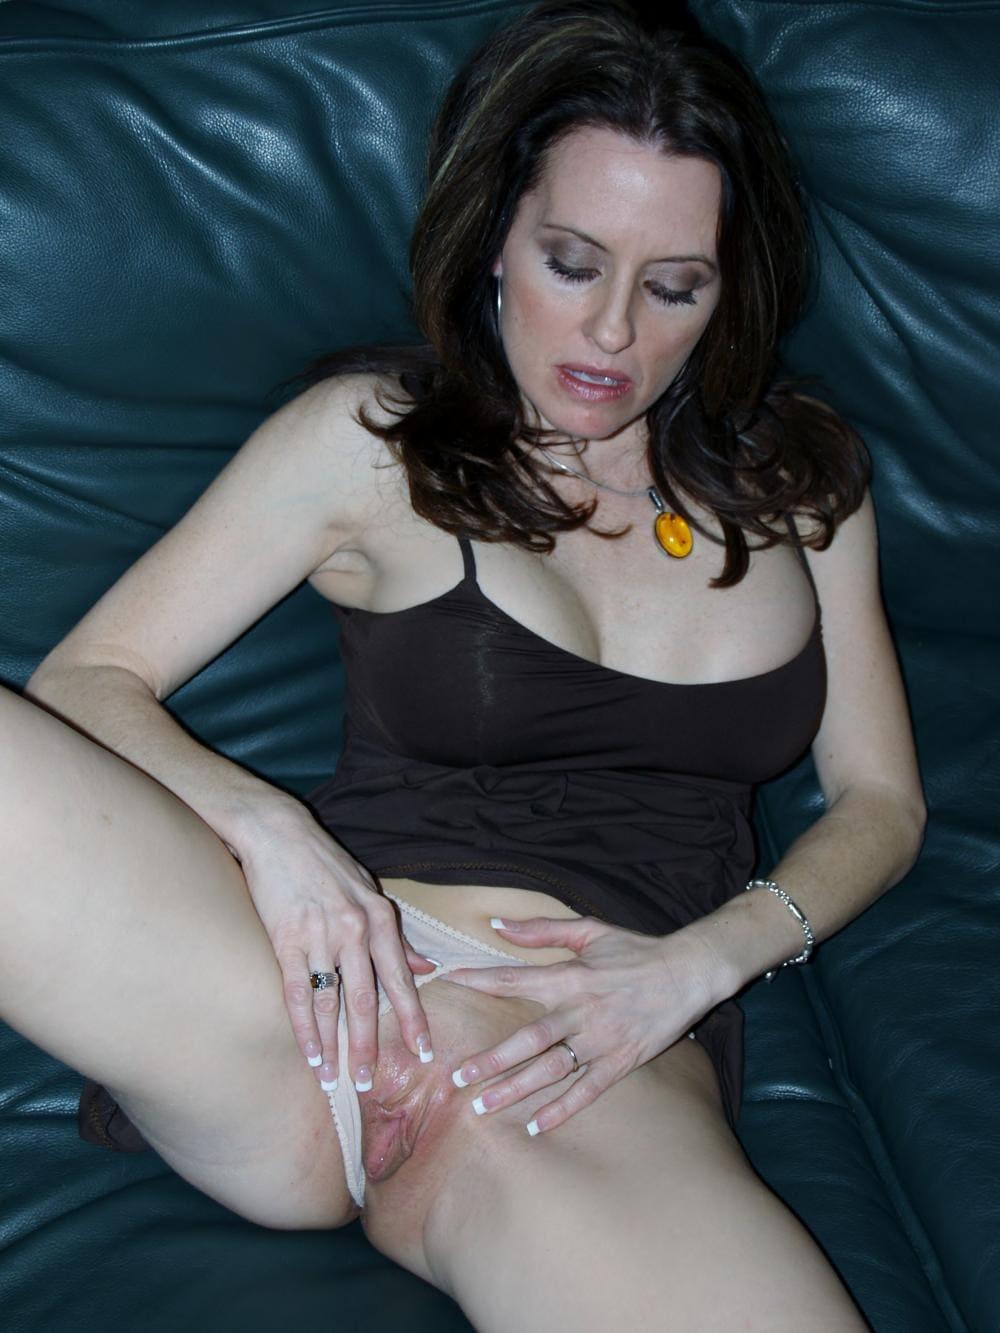 зрелая мастурбирует пизду брюнетка лежит на кровати в черной короткой майке отодвинула трусики и мастурбирует пальчиками